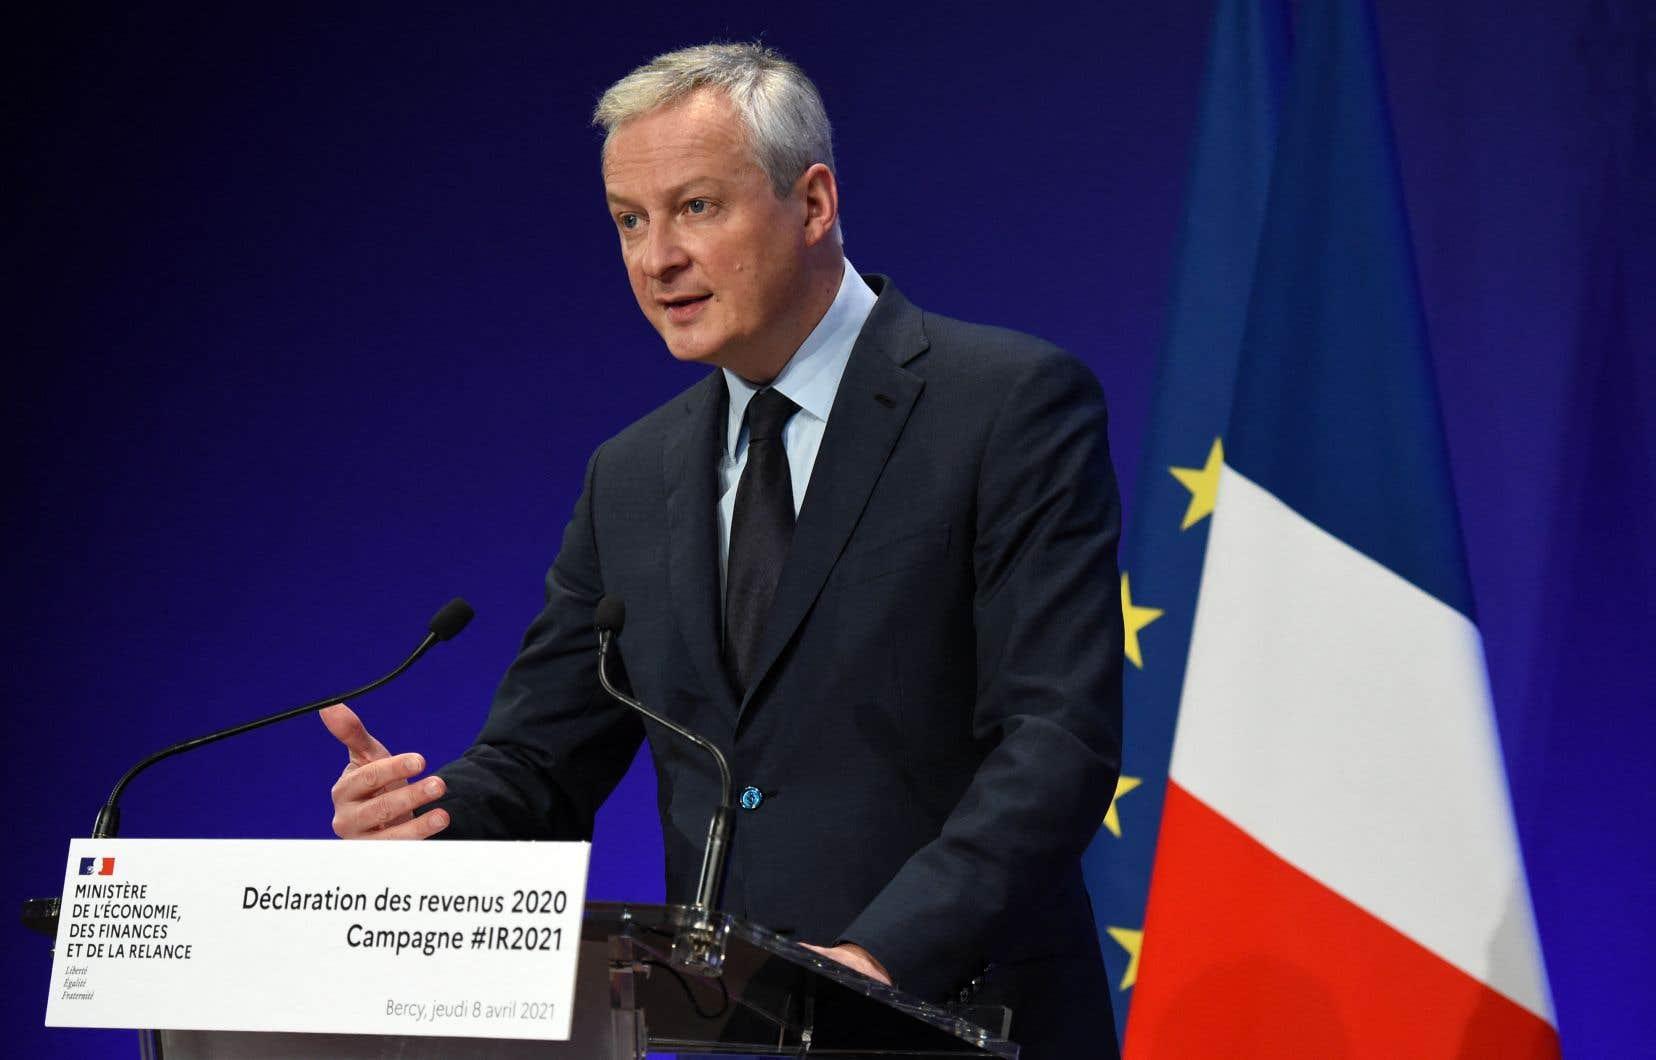 «Le dumping fiscal est un poison pour l'Europe» selon le ministre de l'Économie, Bruno Le Maire.